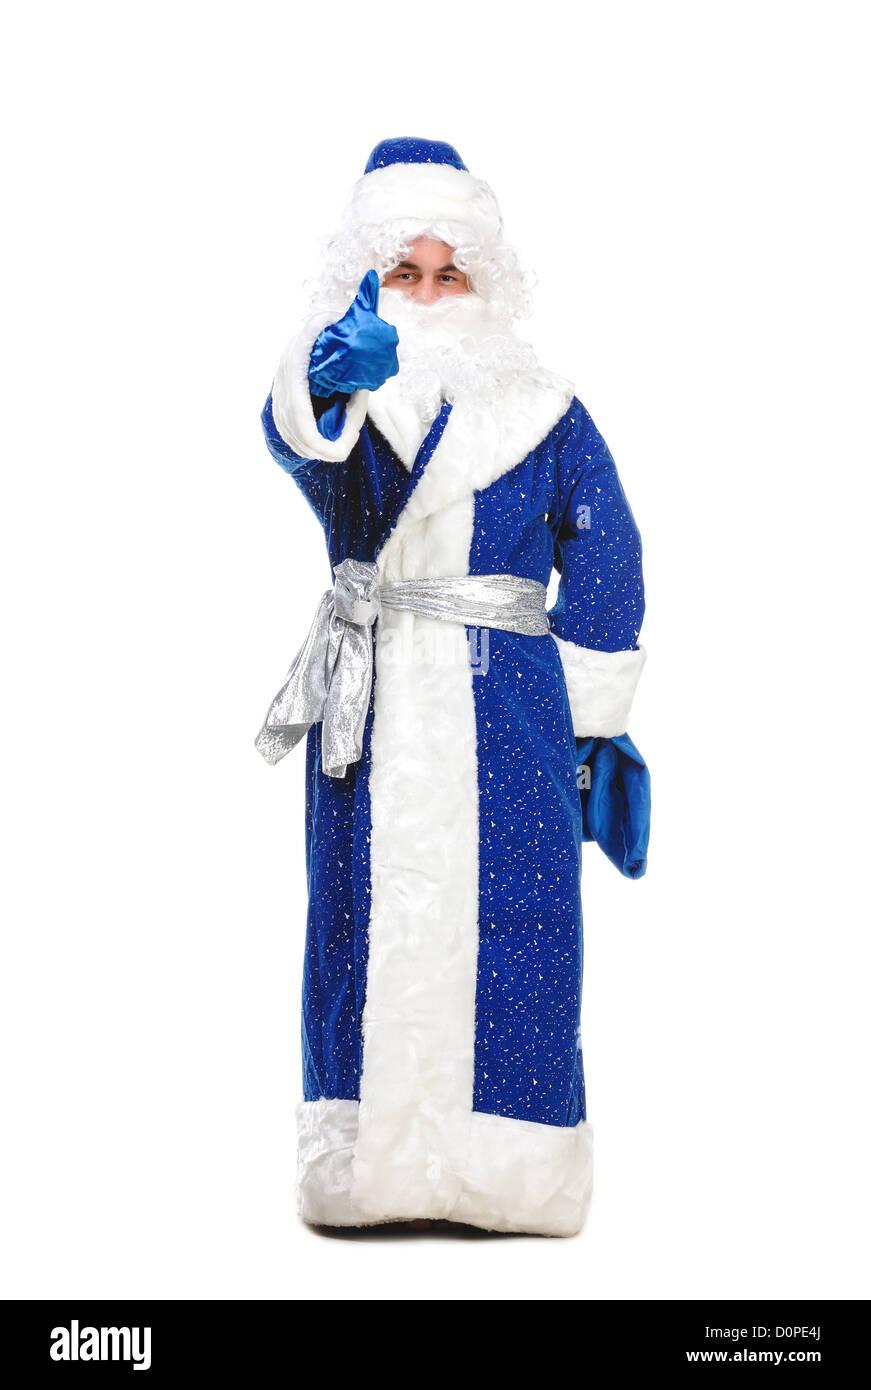 Travesty Actors Genre Depict Santa Claus - Stock Image